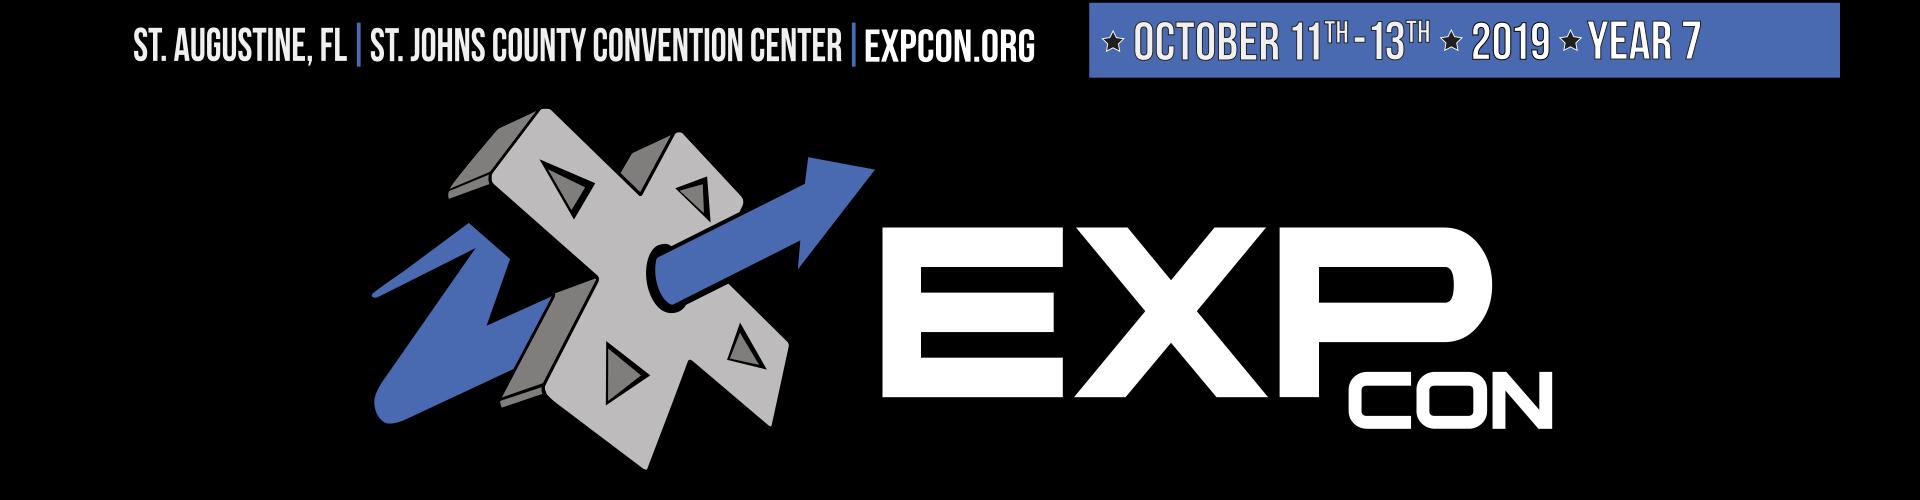 EXP Con 2019 Logo